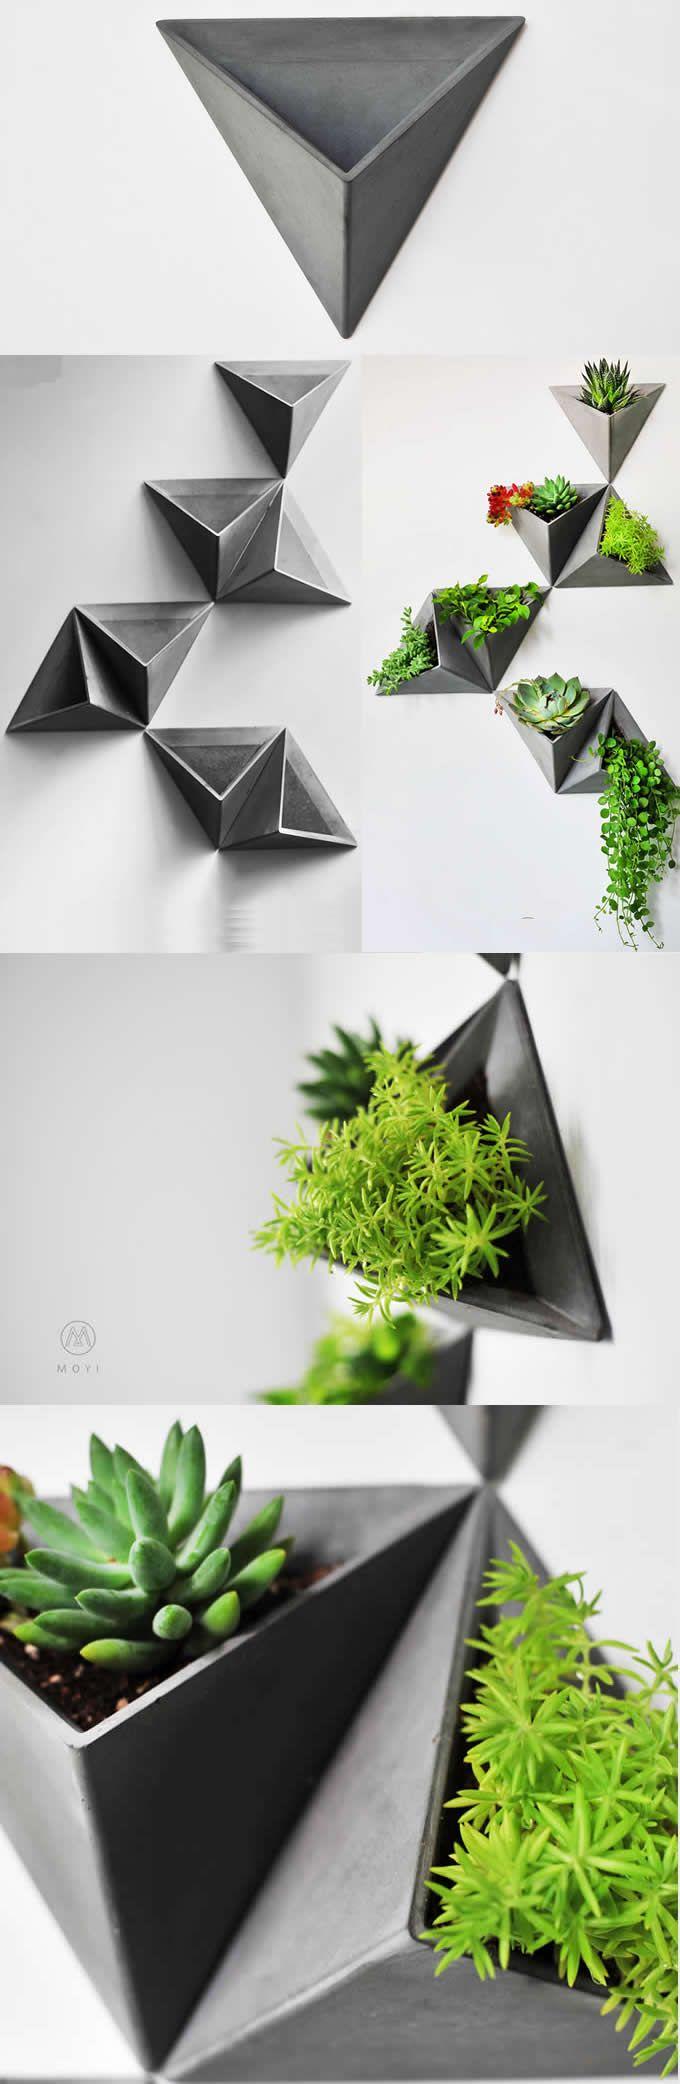 Concrete Triangle Shaped Wall Mounted Flower Pot Succulent Planter Flower Pots Concrete Diy Concrete Crafts